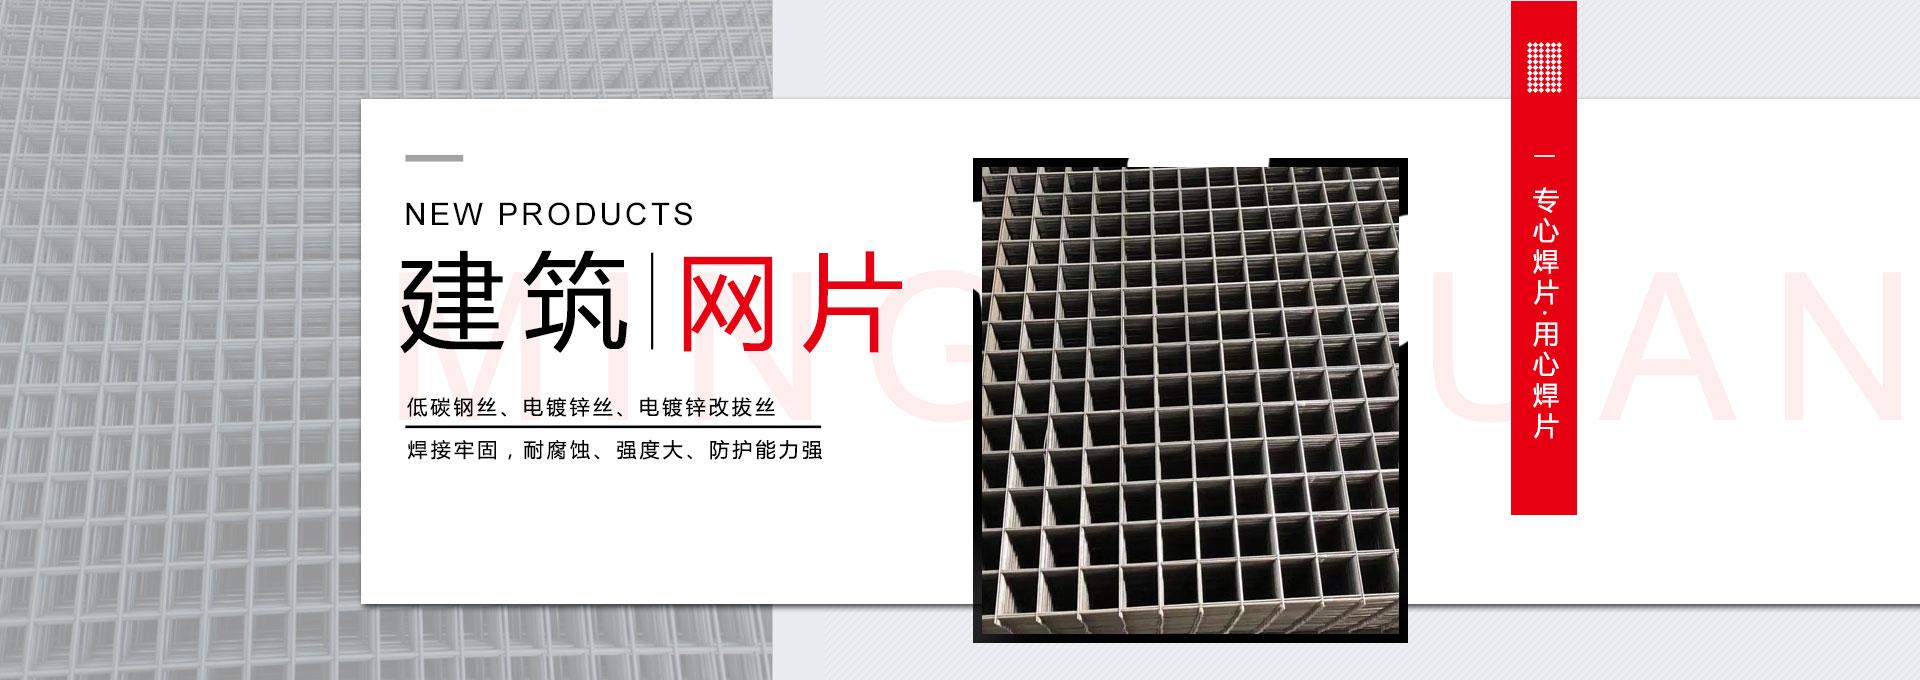 钢筋建筑网片,工地建筑网片,钢筋建筑网片,建筑网片